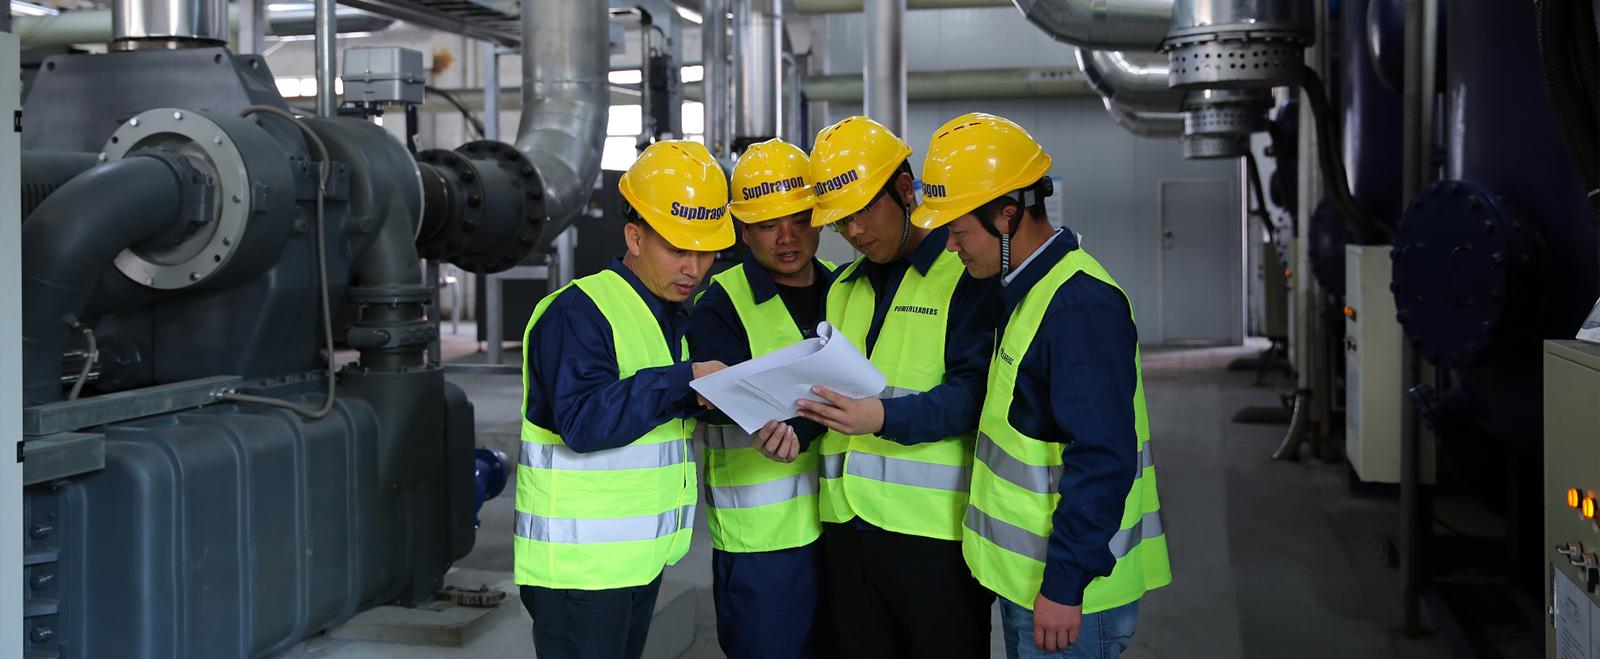 节能空压机-空压机升级改造-空压机合同能源管理